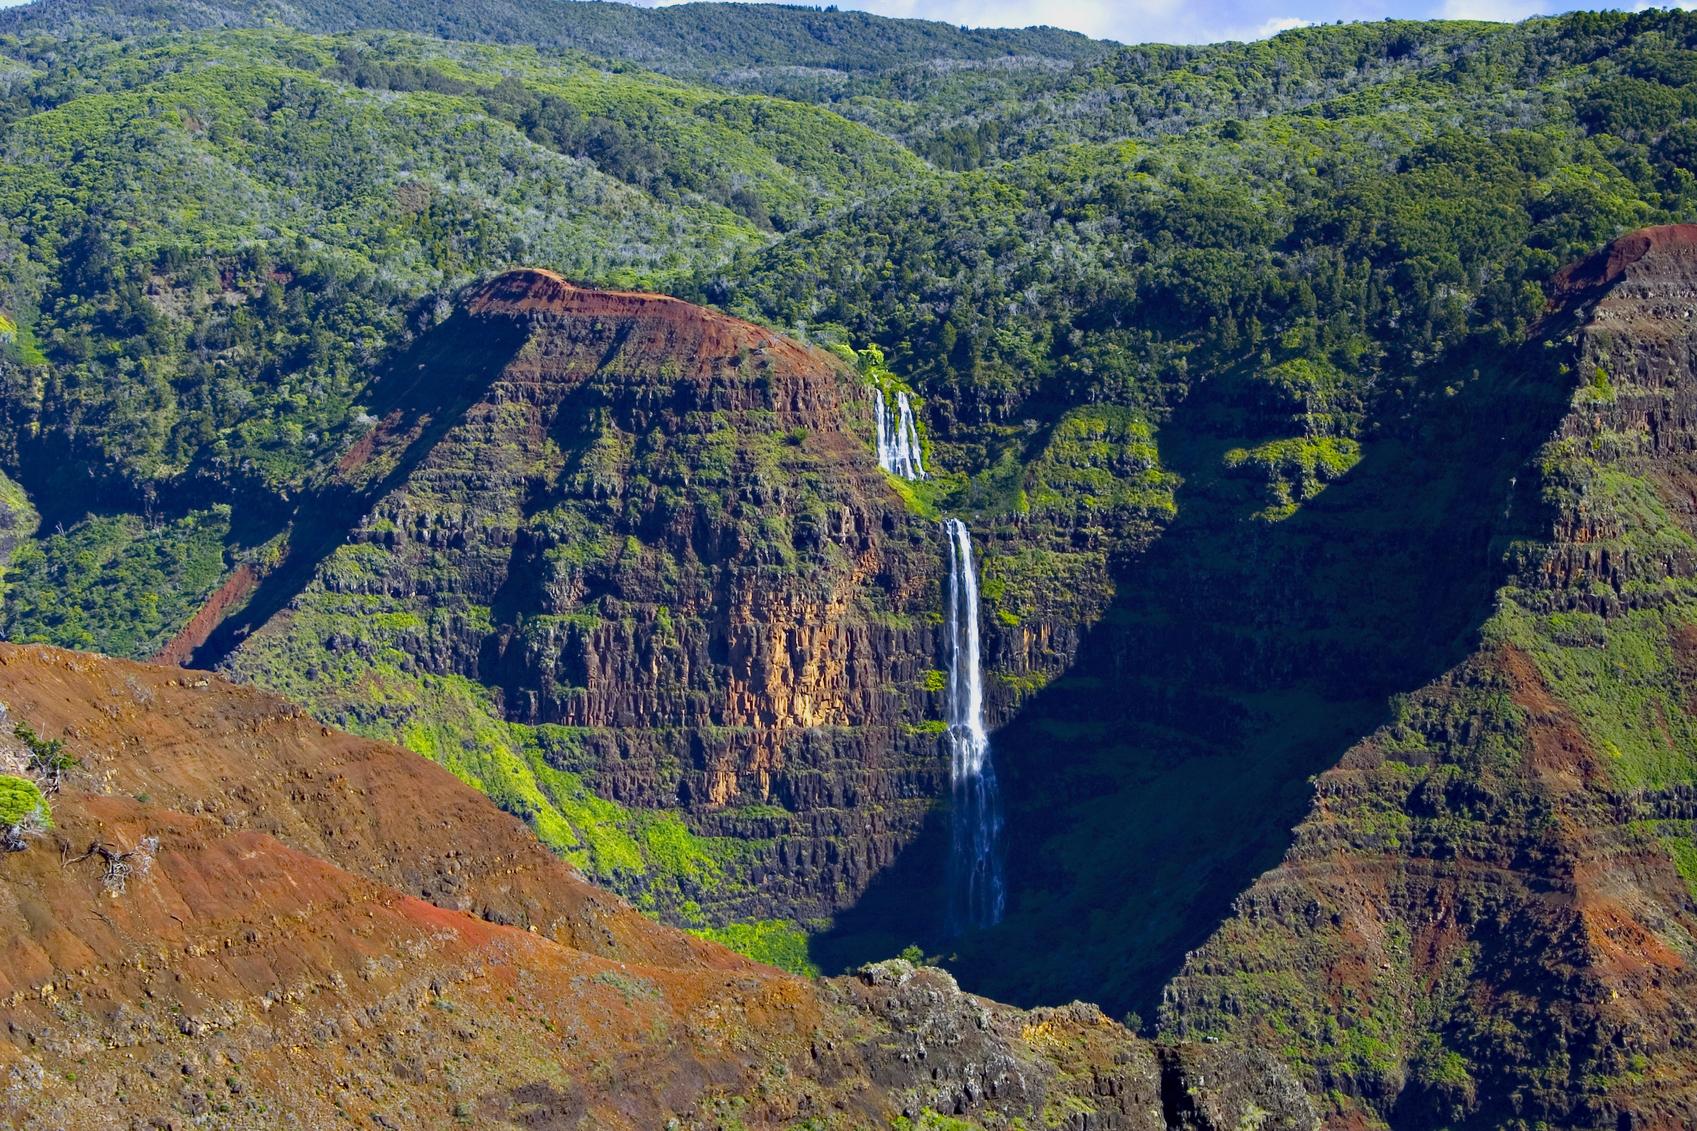 Waterfall In Waimea Canyon - Kauai, Hawaii